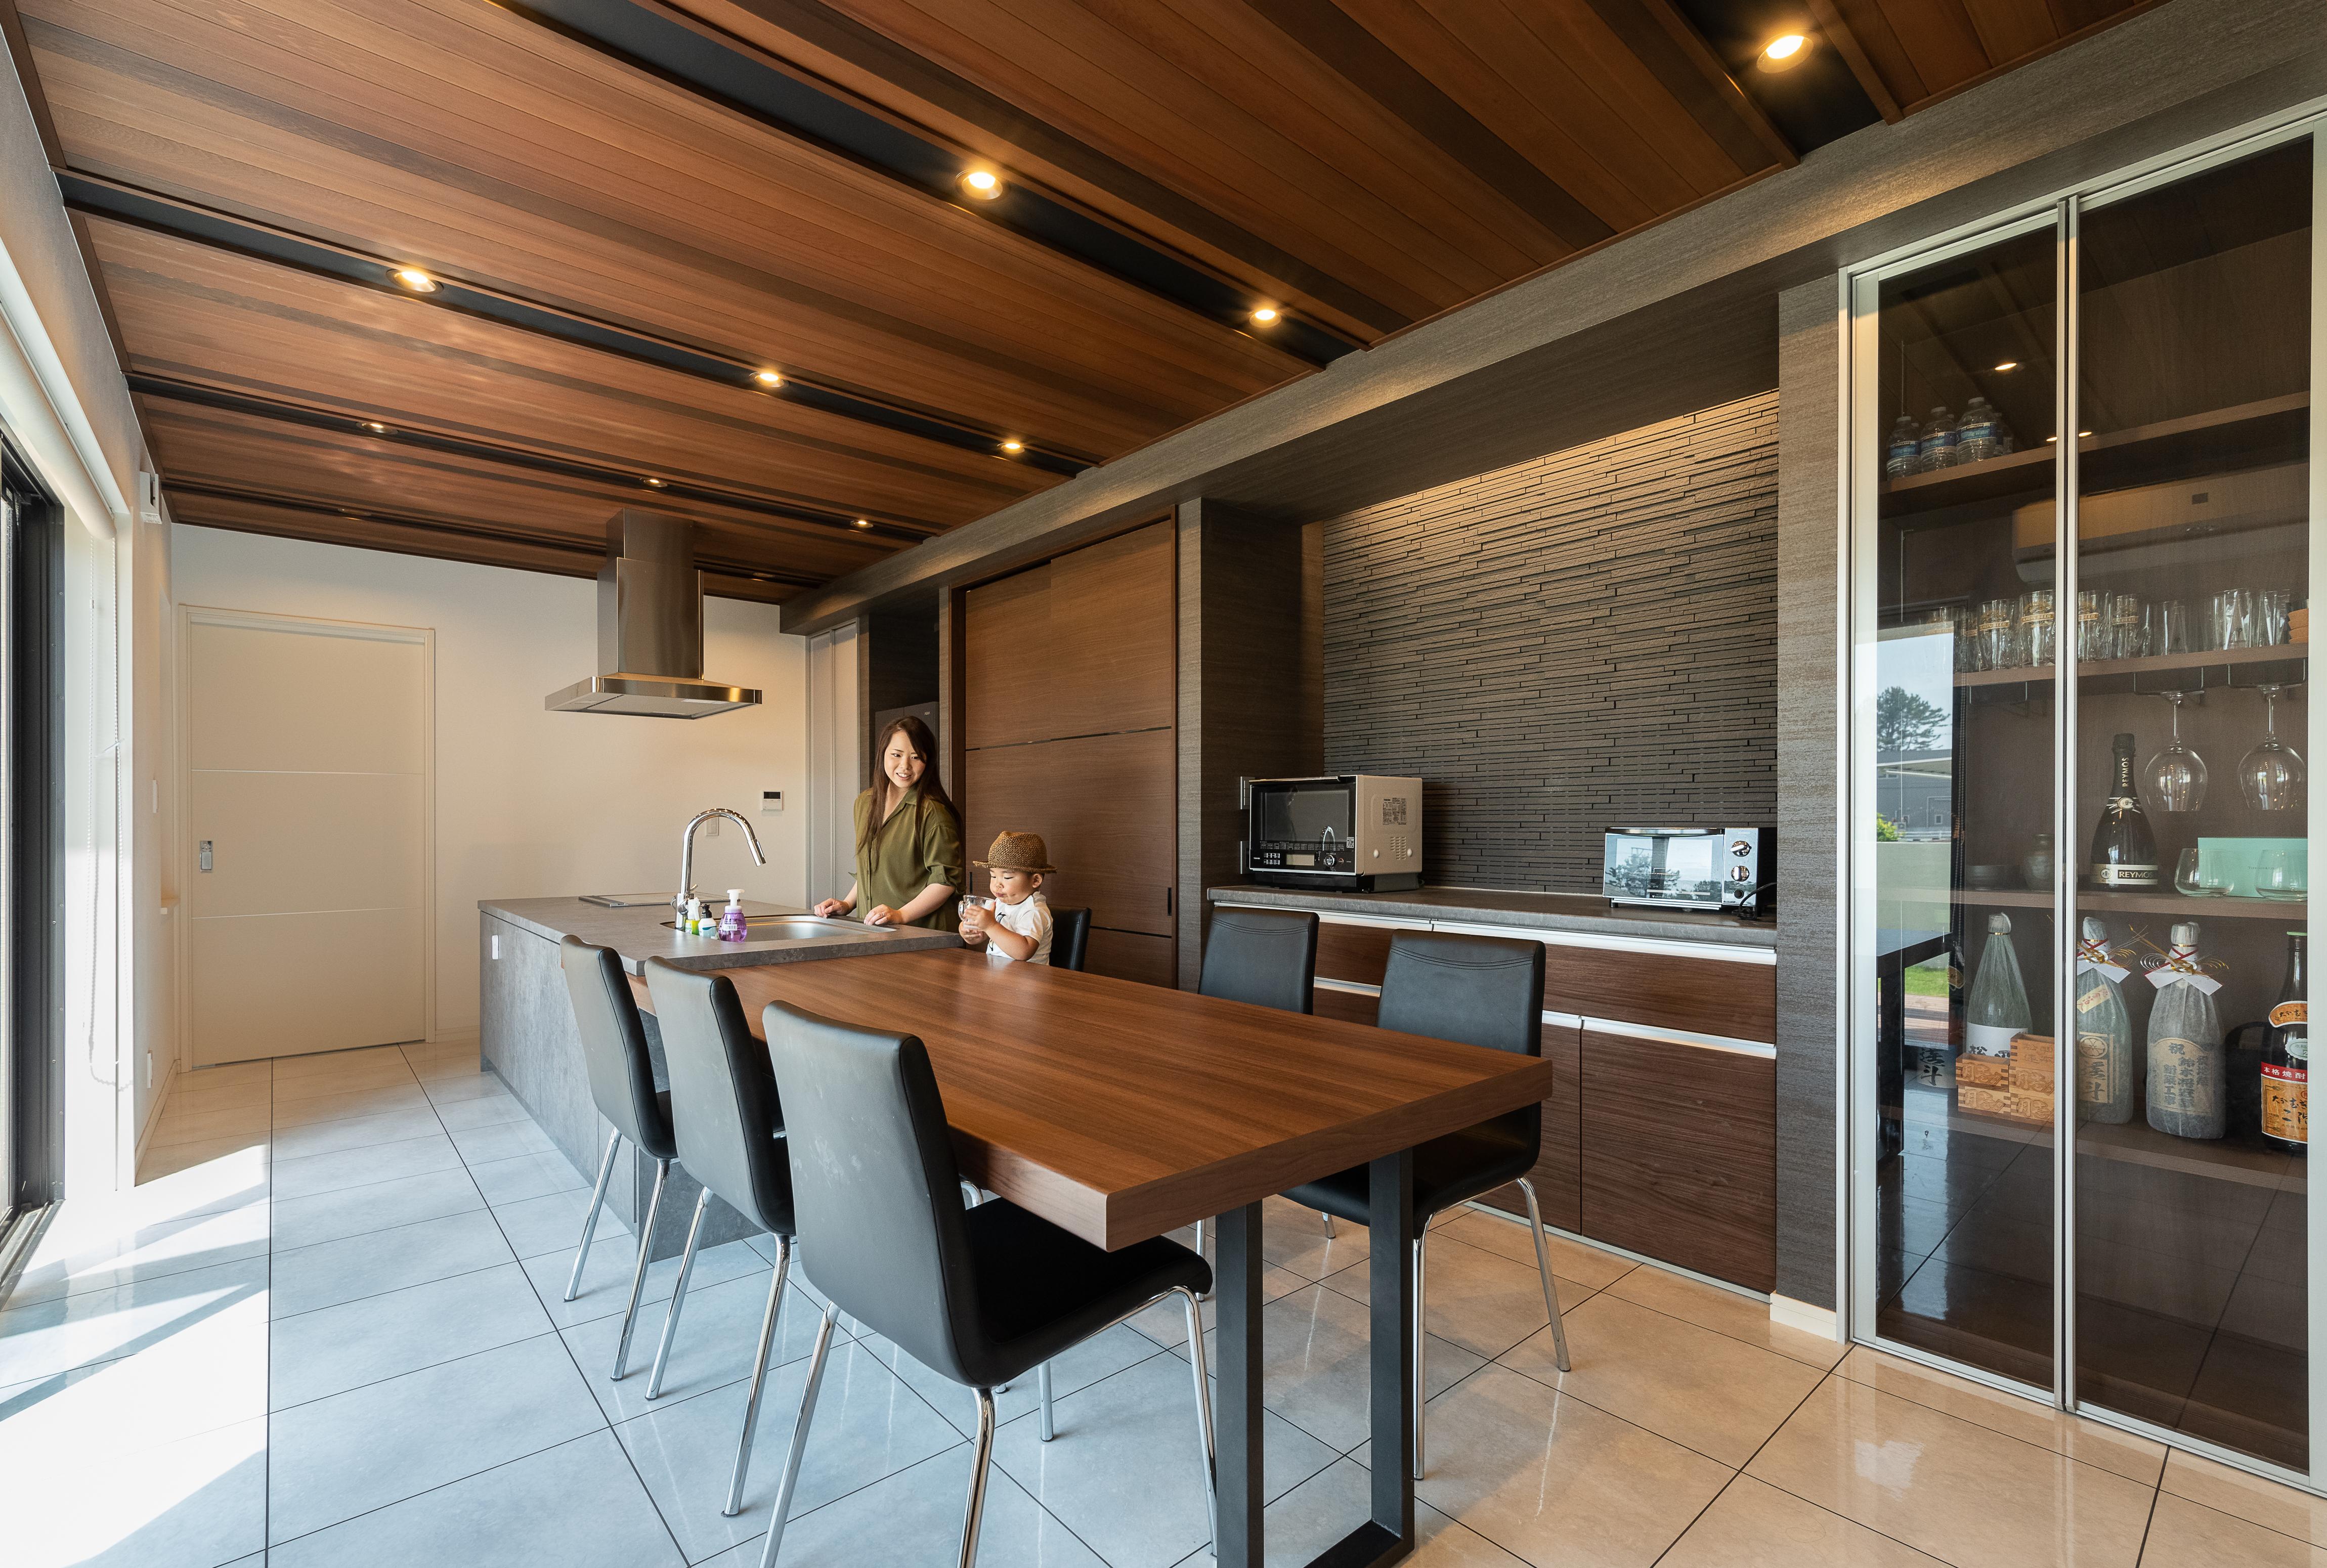 タイル張りの床と板張りの天井、テーブルの色や背面のタイル。素材と色のハーモニー。